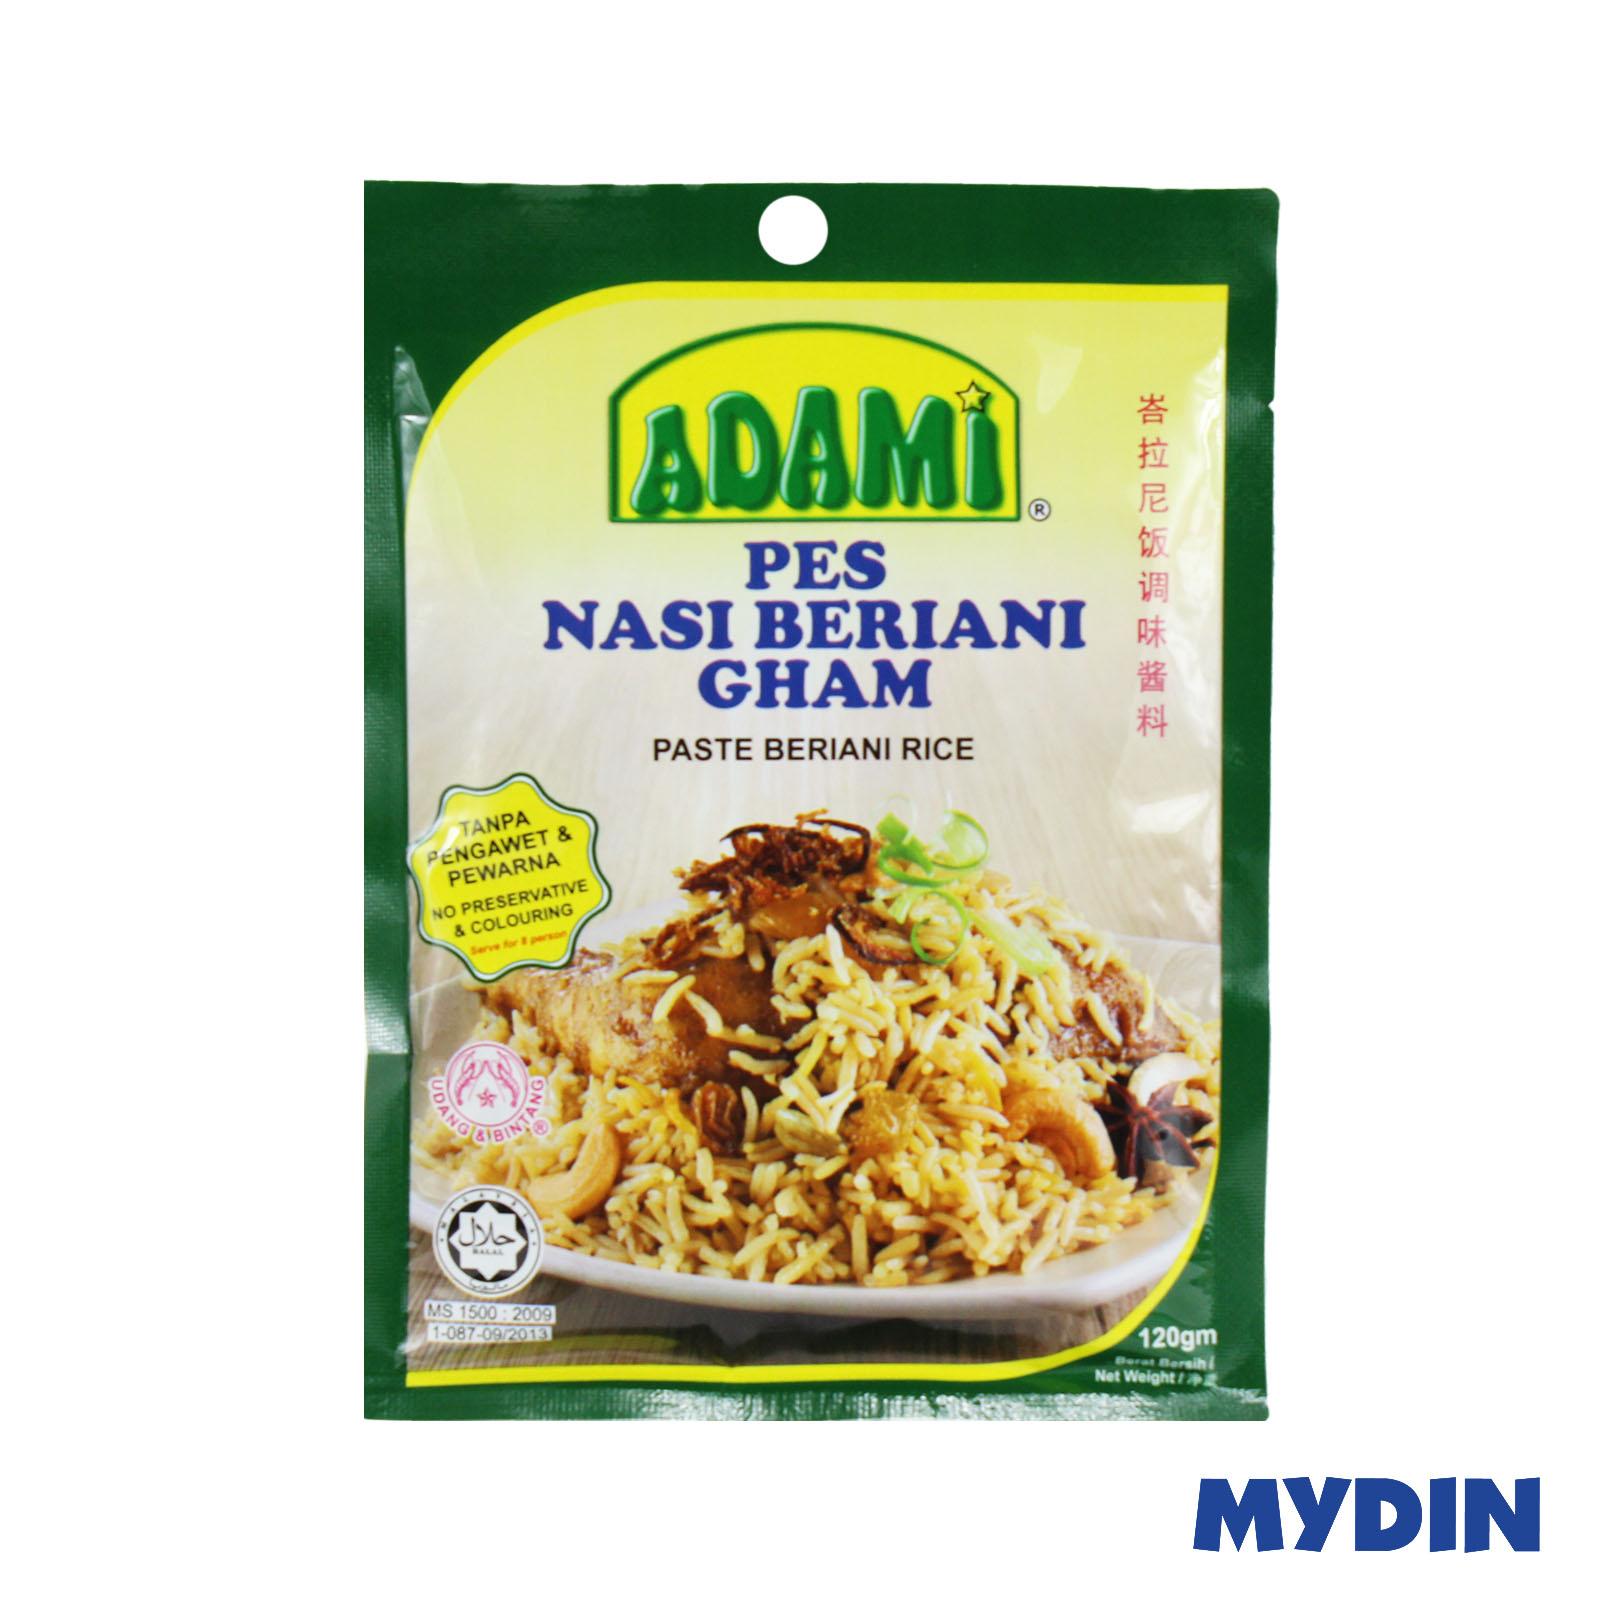 Adami Paste Beriani Rice 120gm